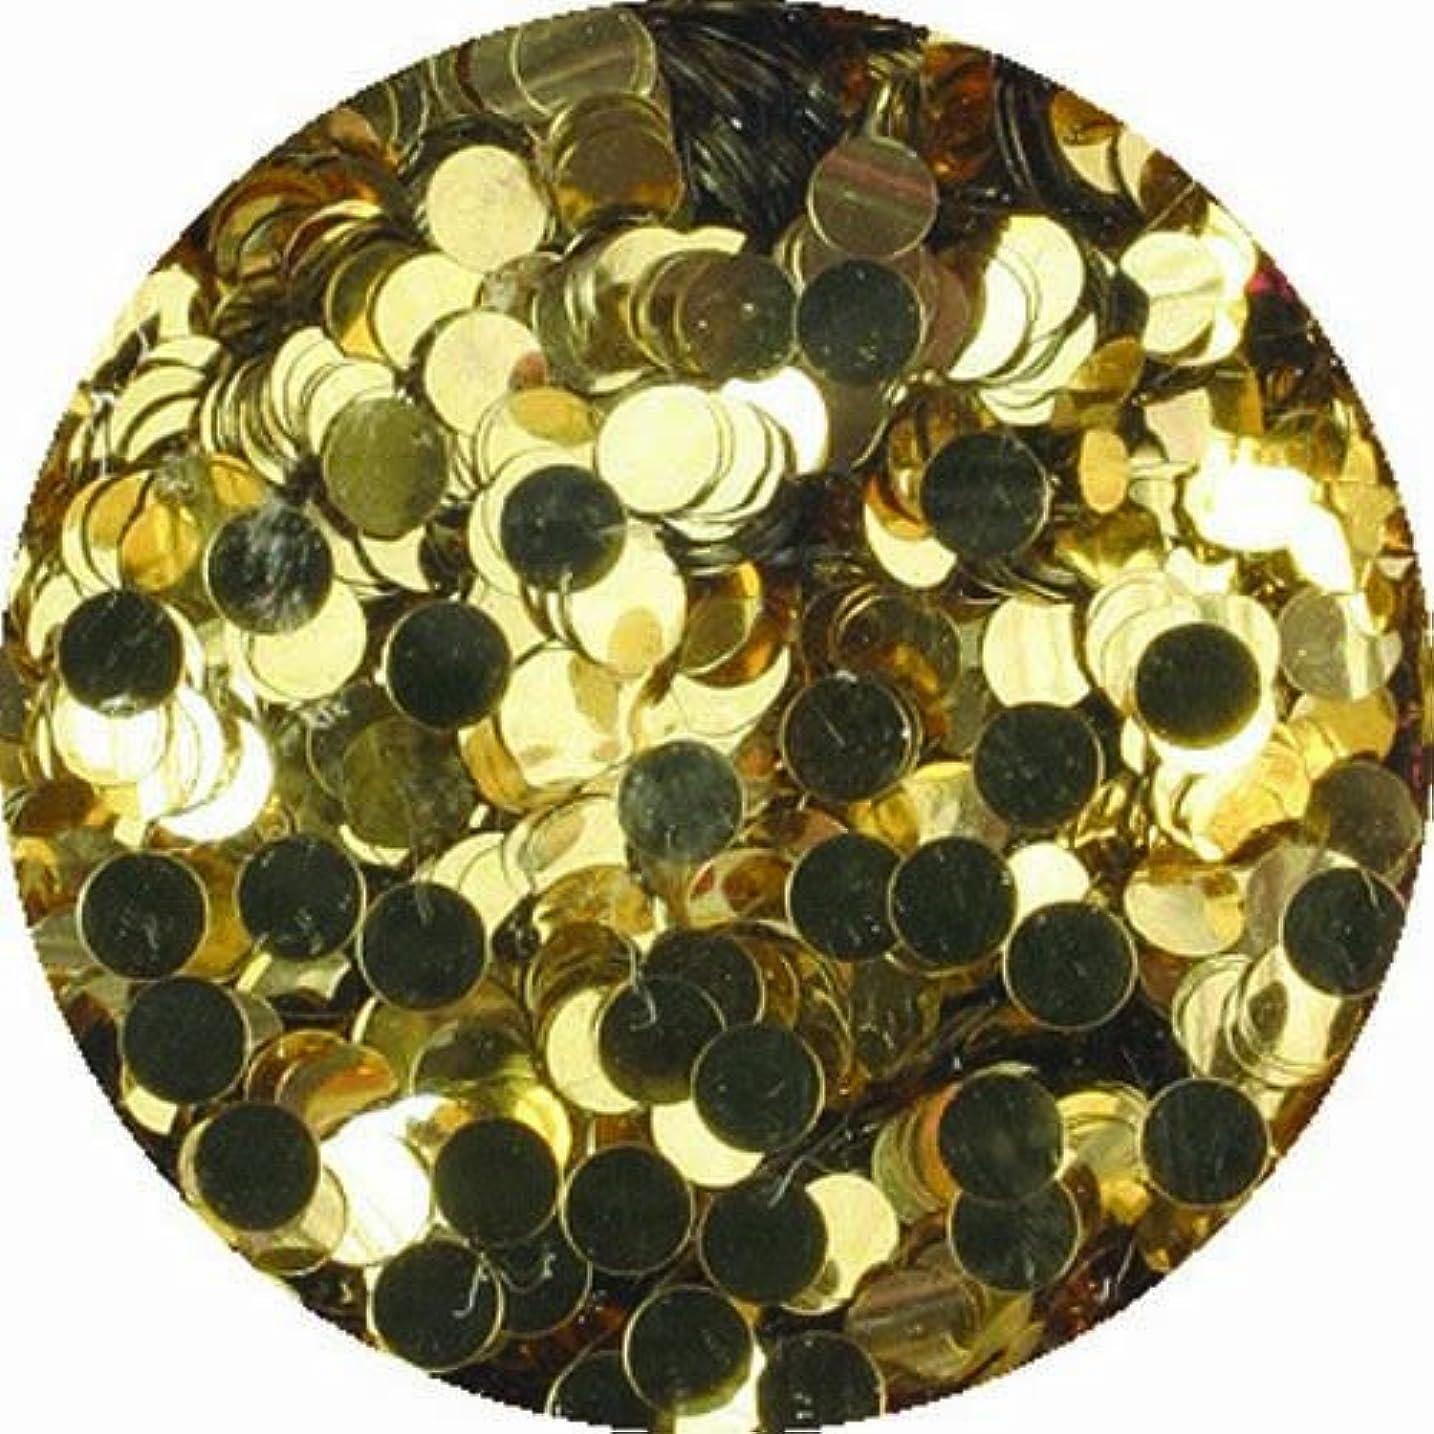 金銭的リースペットビューティーネイラー ネイル用パウダー 黒崎えり子 ジュエリーコレクション ライトゴールド丸2mm